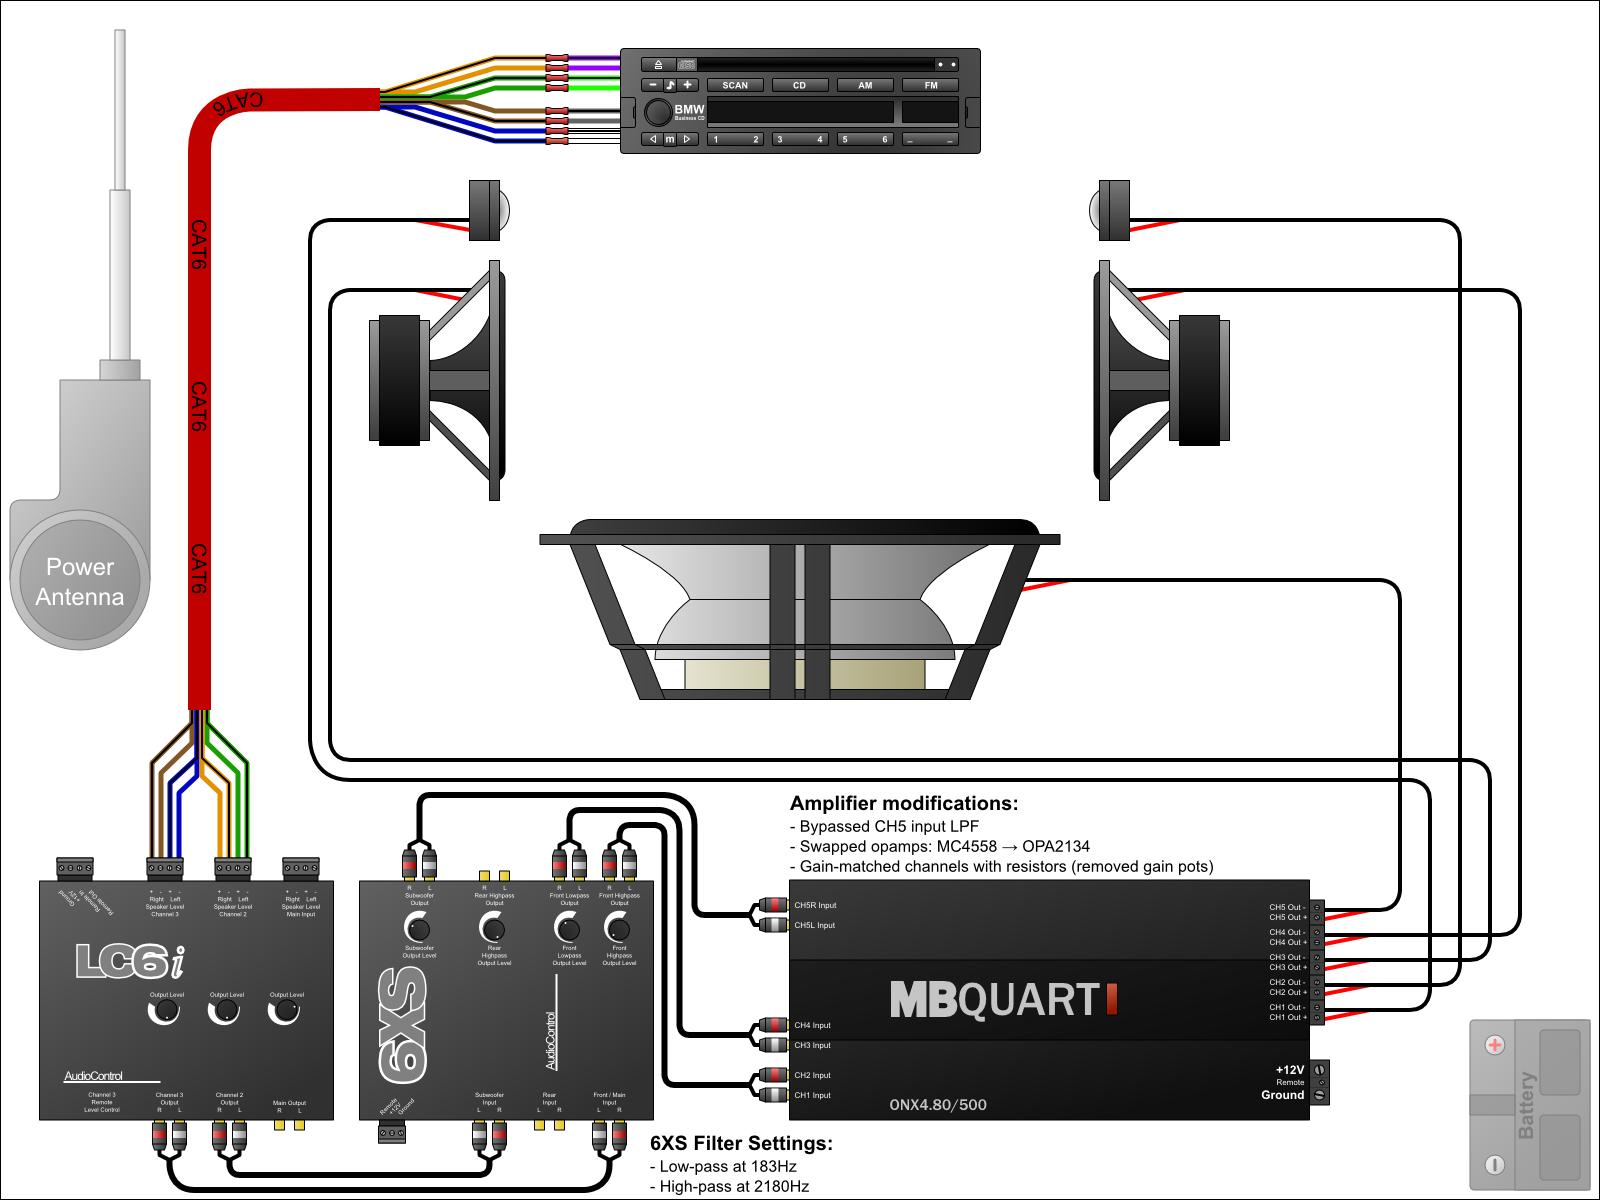 Fabulous Car Amp Diagram Basic Electronics Wiring Diagram Wiring Cloud Eachirenstrafr09Org